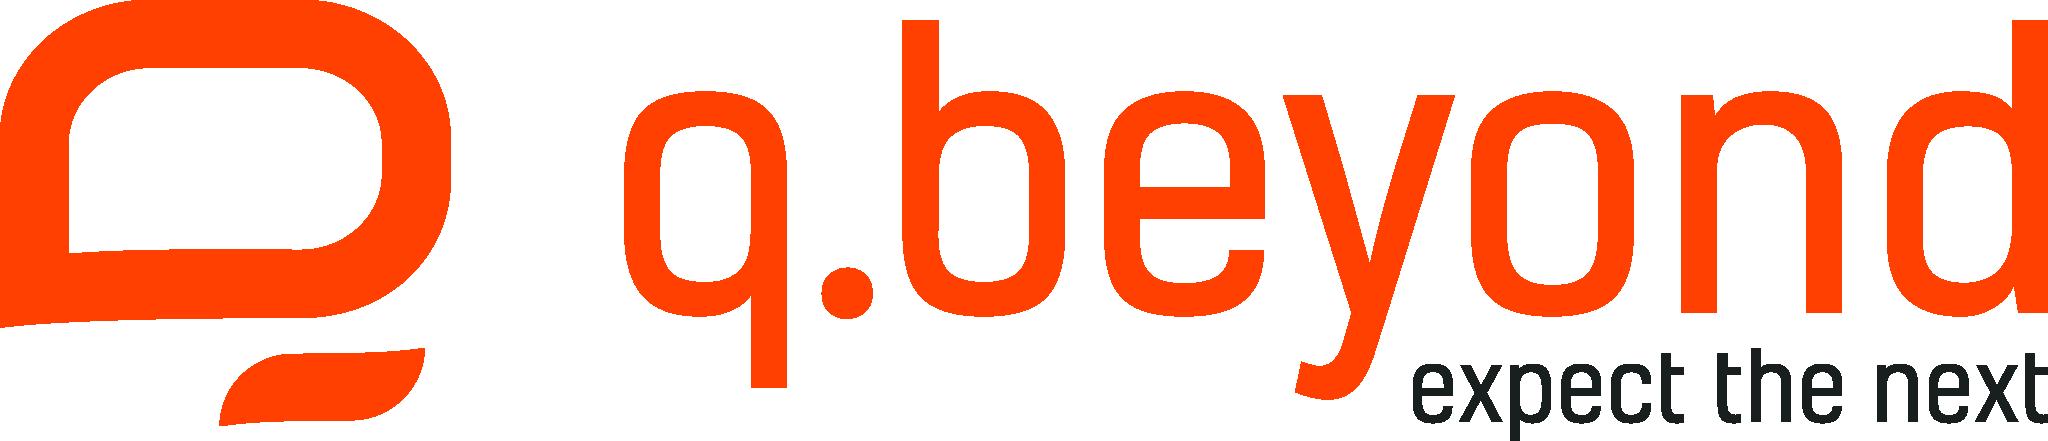 Provider logo for Qbeyond